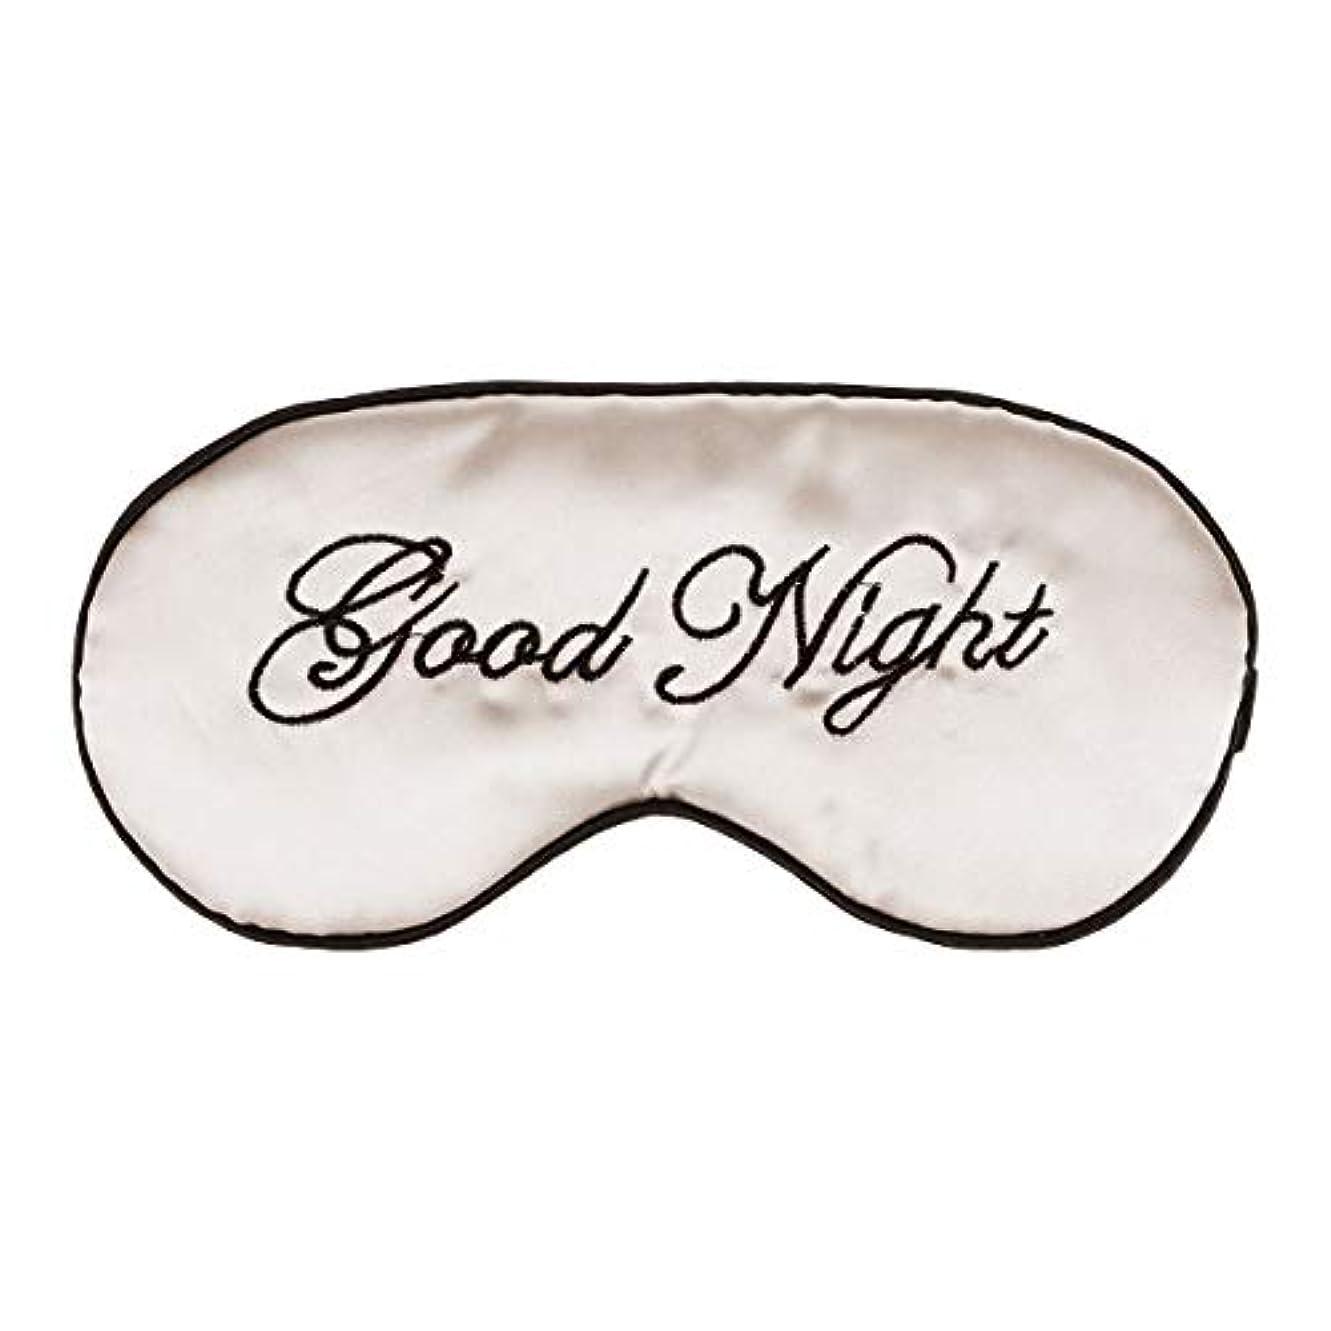 完璧ウィザード農業SUPVOX シルクスリーピングマスク 刺繍スタイル 睡眠 アイマスク 軽量 アイマスク 遮光 圧迫感なし 疲れ目 睡眠 旅行 仮 眠 疲労回復に最適 無地(ベージュ)